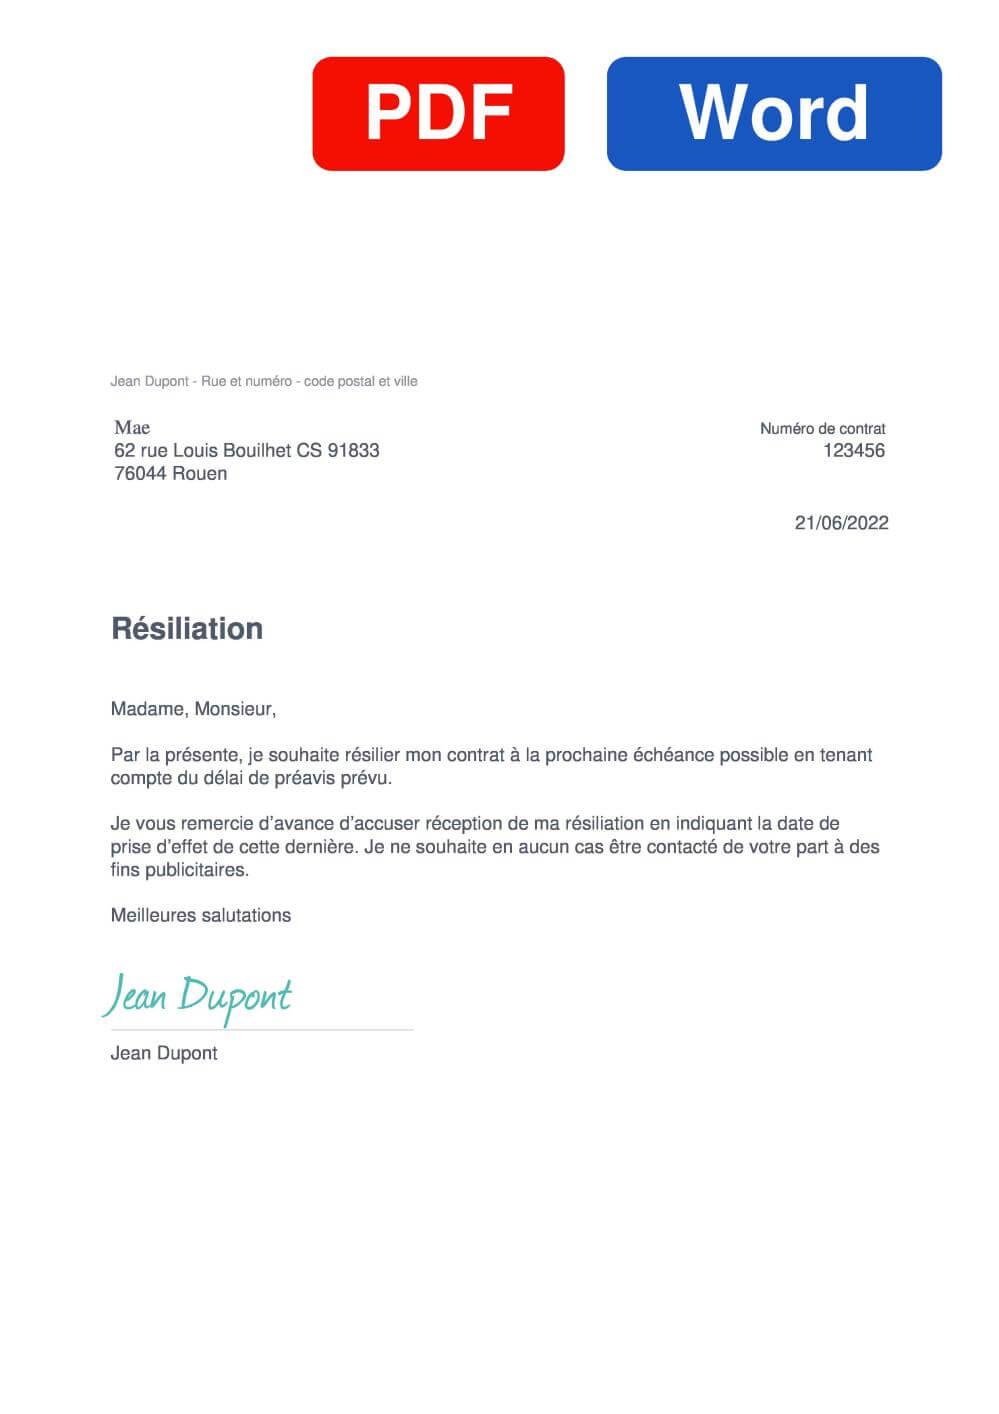 MAE Mobile Assurance Modèle de lettre de résiliation